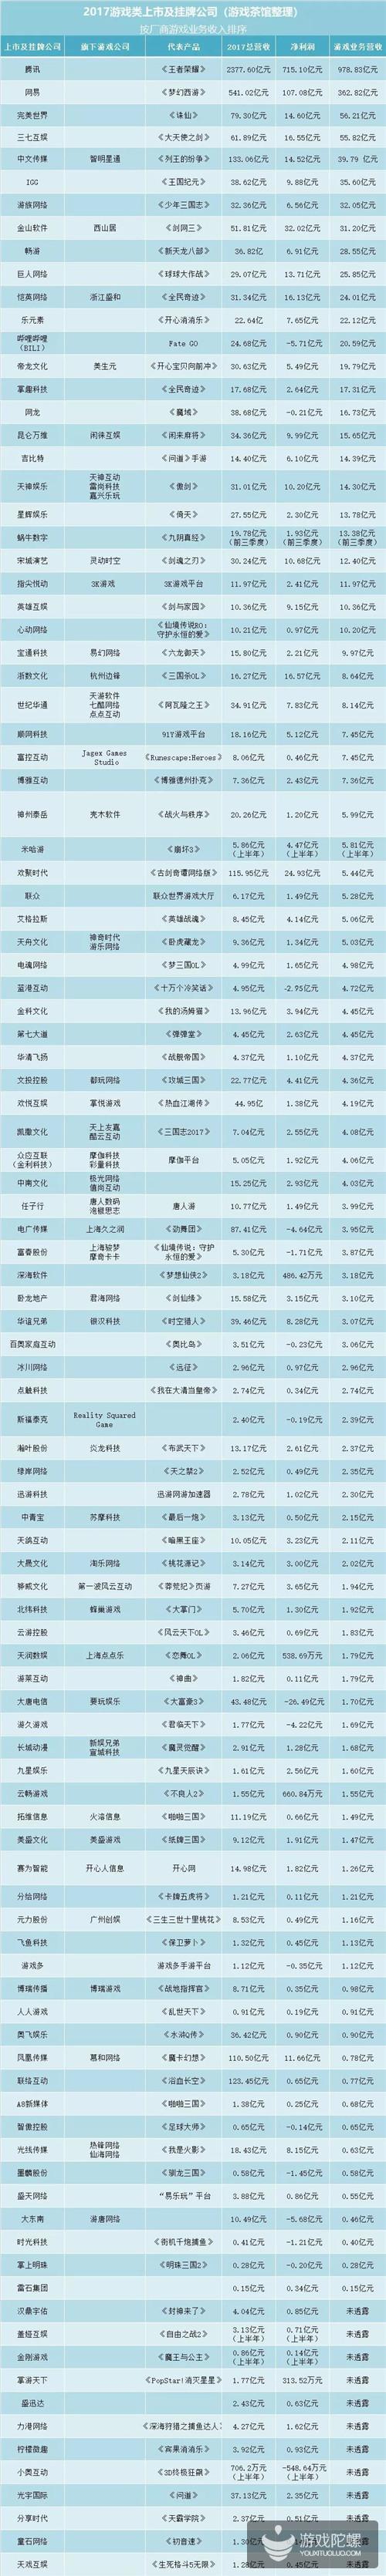 上市游戏公司Top 100:25家厂商游戏收入破10亿 小厂纷纷摘牌新三板